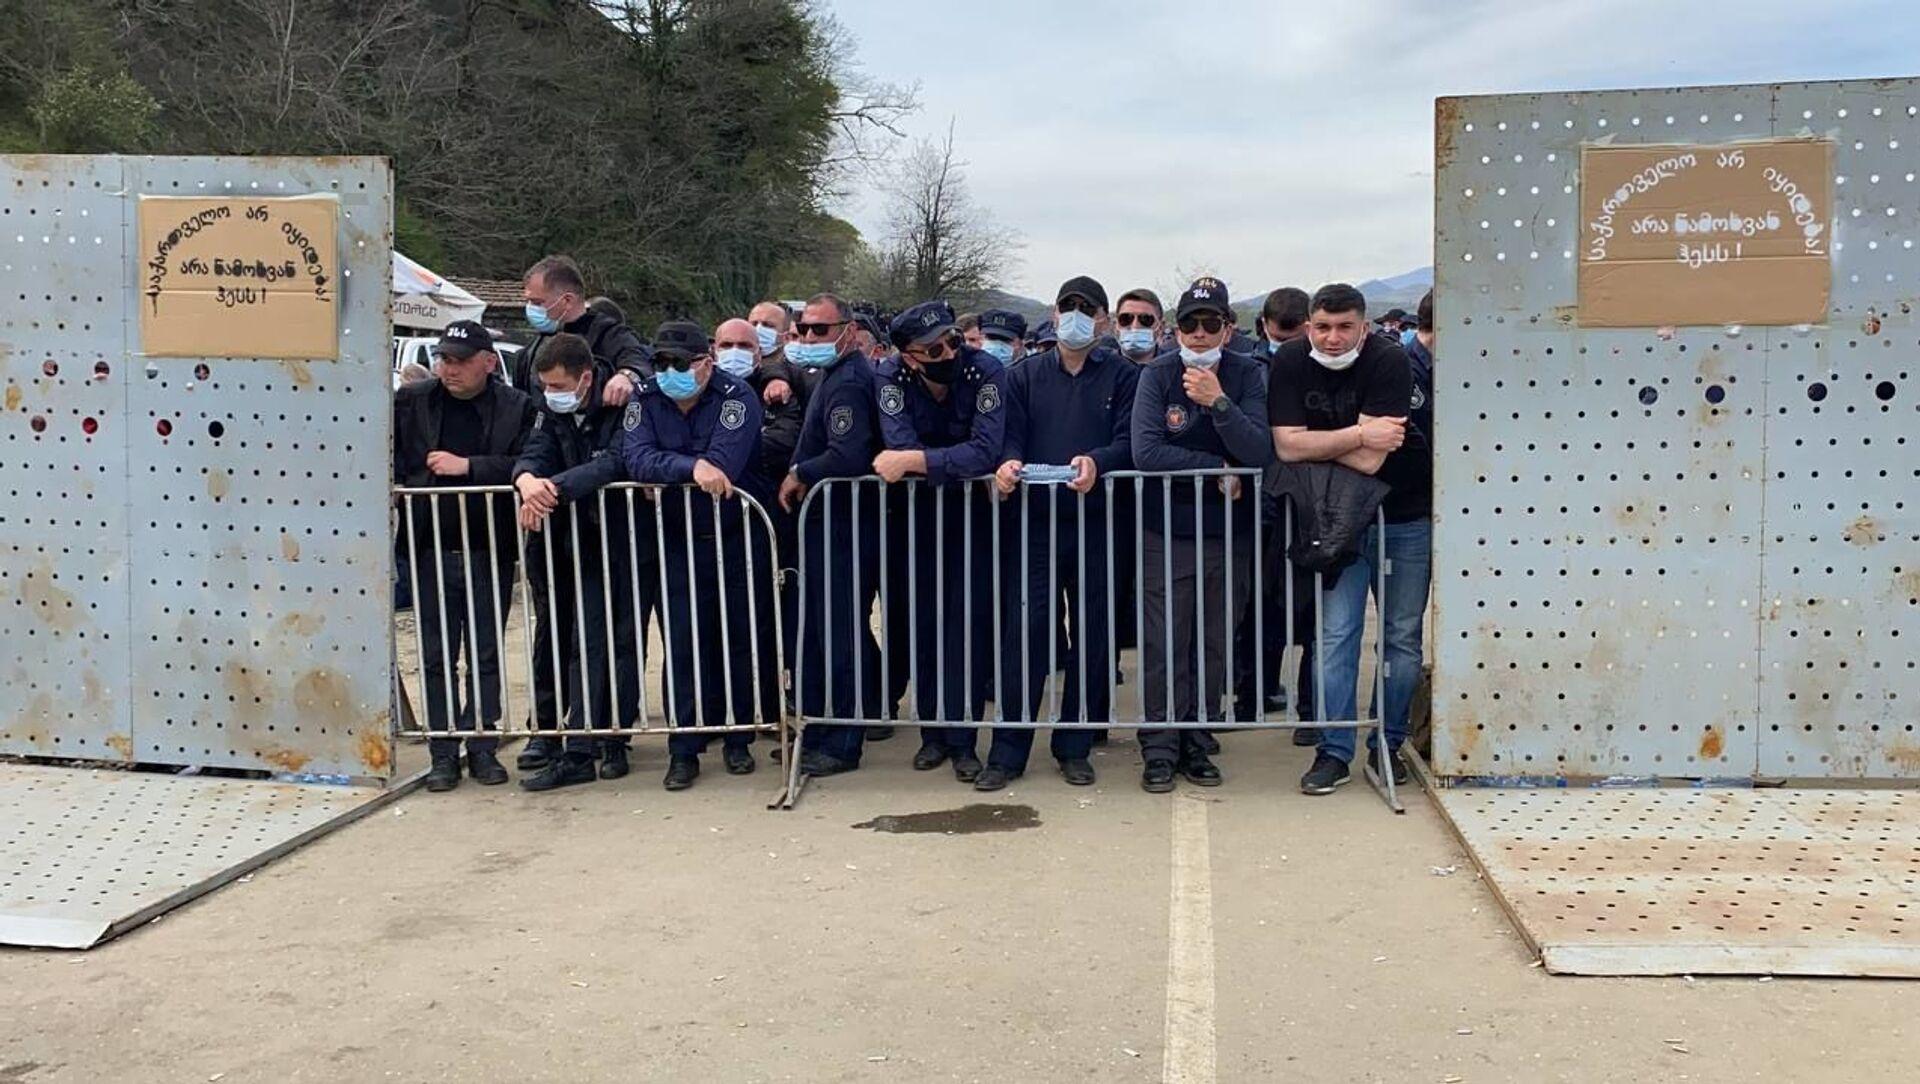 Полиция и охрана объекта. Акция протеста Защитников Риони против Намахвани ГЭС 15 апреля 2021 года - Sputnik Грузия, 1920, 27.05.2021